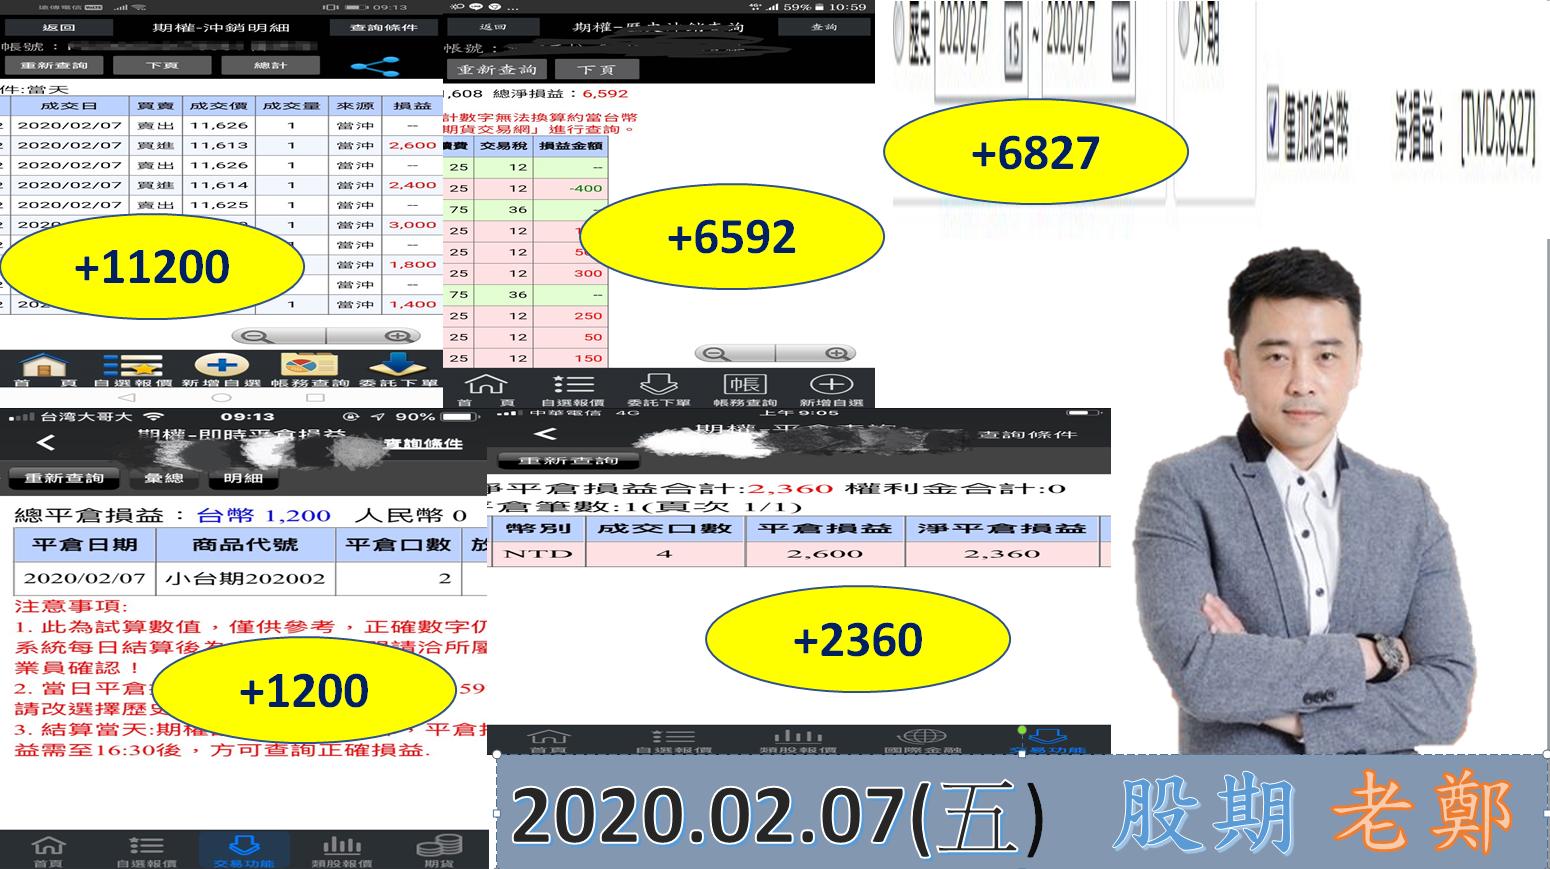 台股在短時間只要11500的大支撐壓力沒破,後續的盤勢都還是有機會向上_02